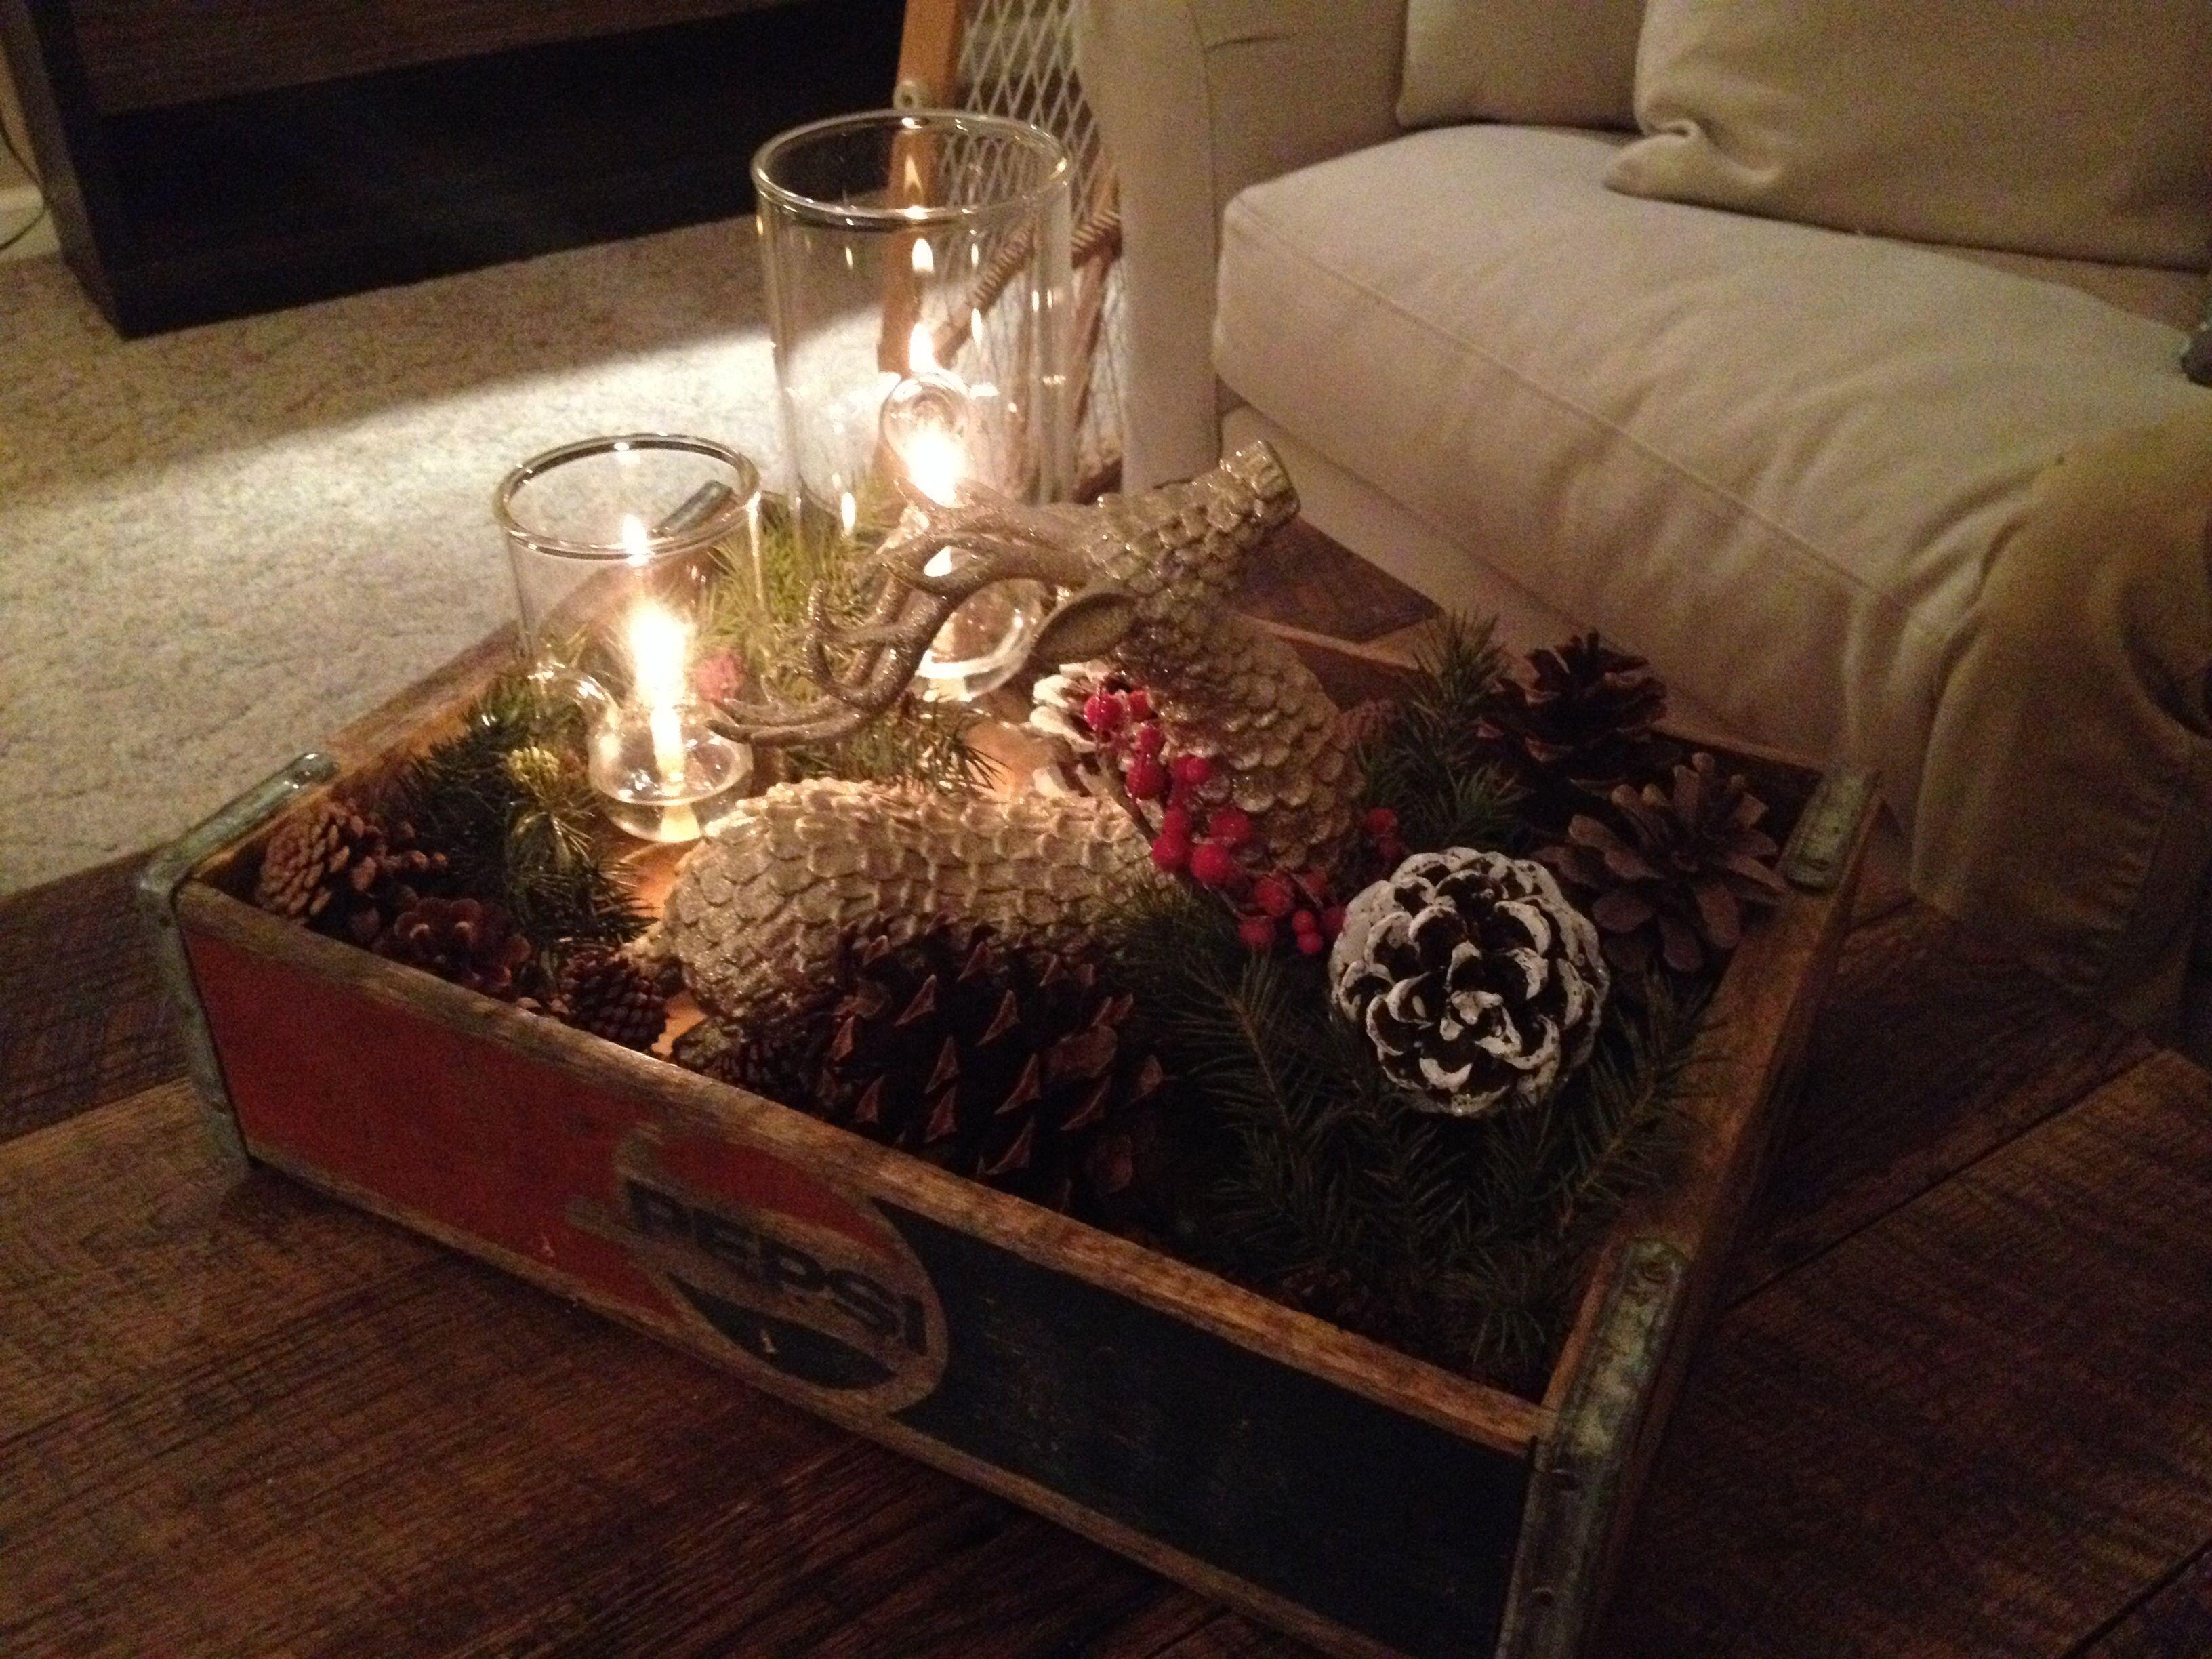 My Christmas Coffee Table Decor Christmasdecor Pinecones Christmas Christmas Coffee Table Decor Modern Coffee Table Decor Christmas Table Decorations